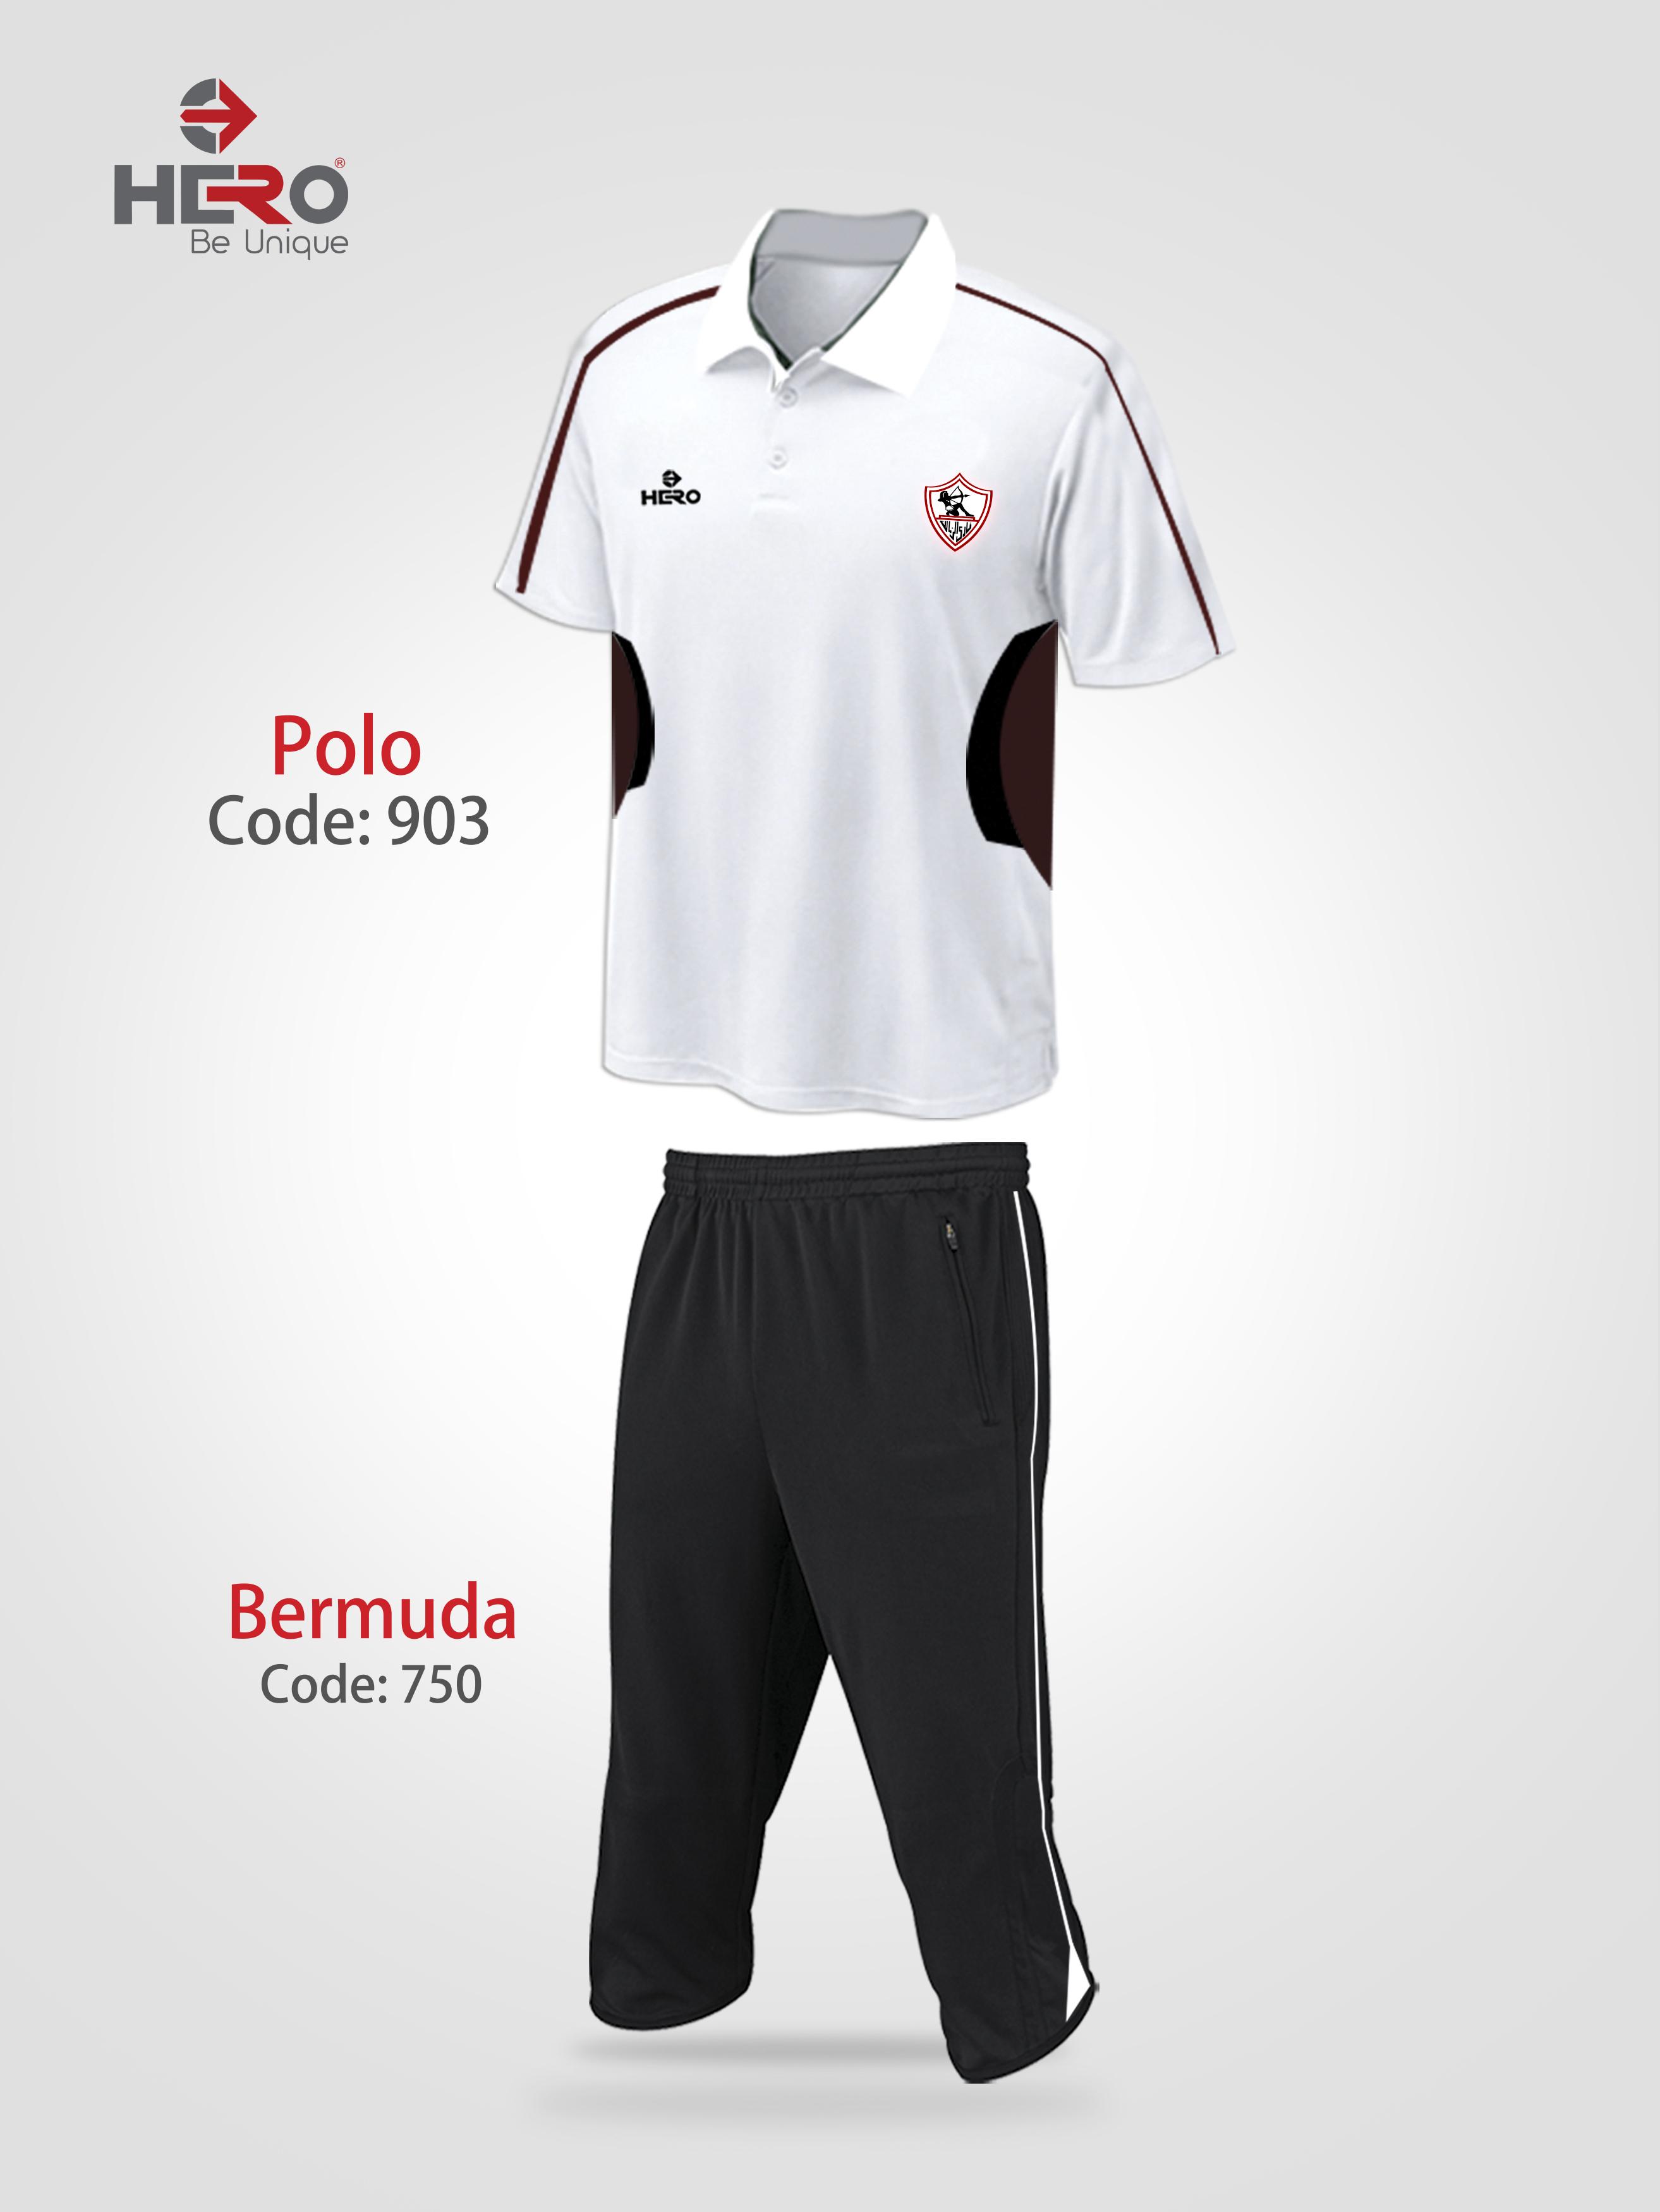 Polo & Bermuda